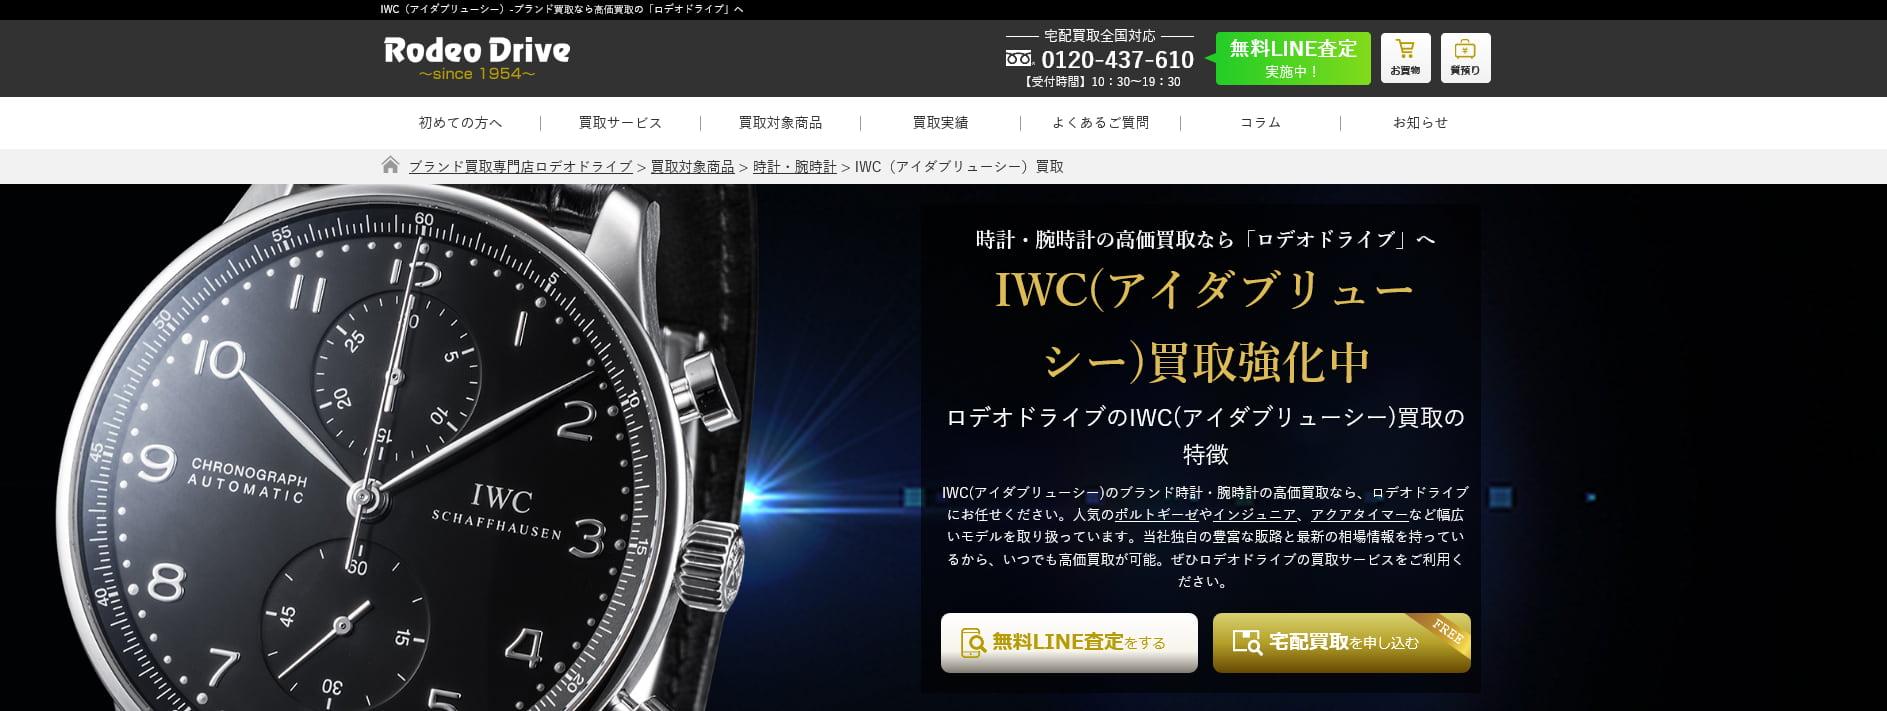 IWC買取のおすすめ店ロデオドライブ